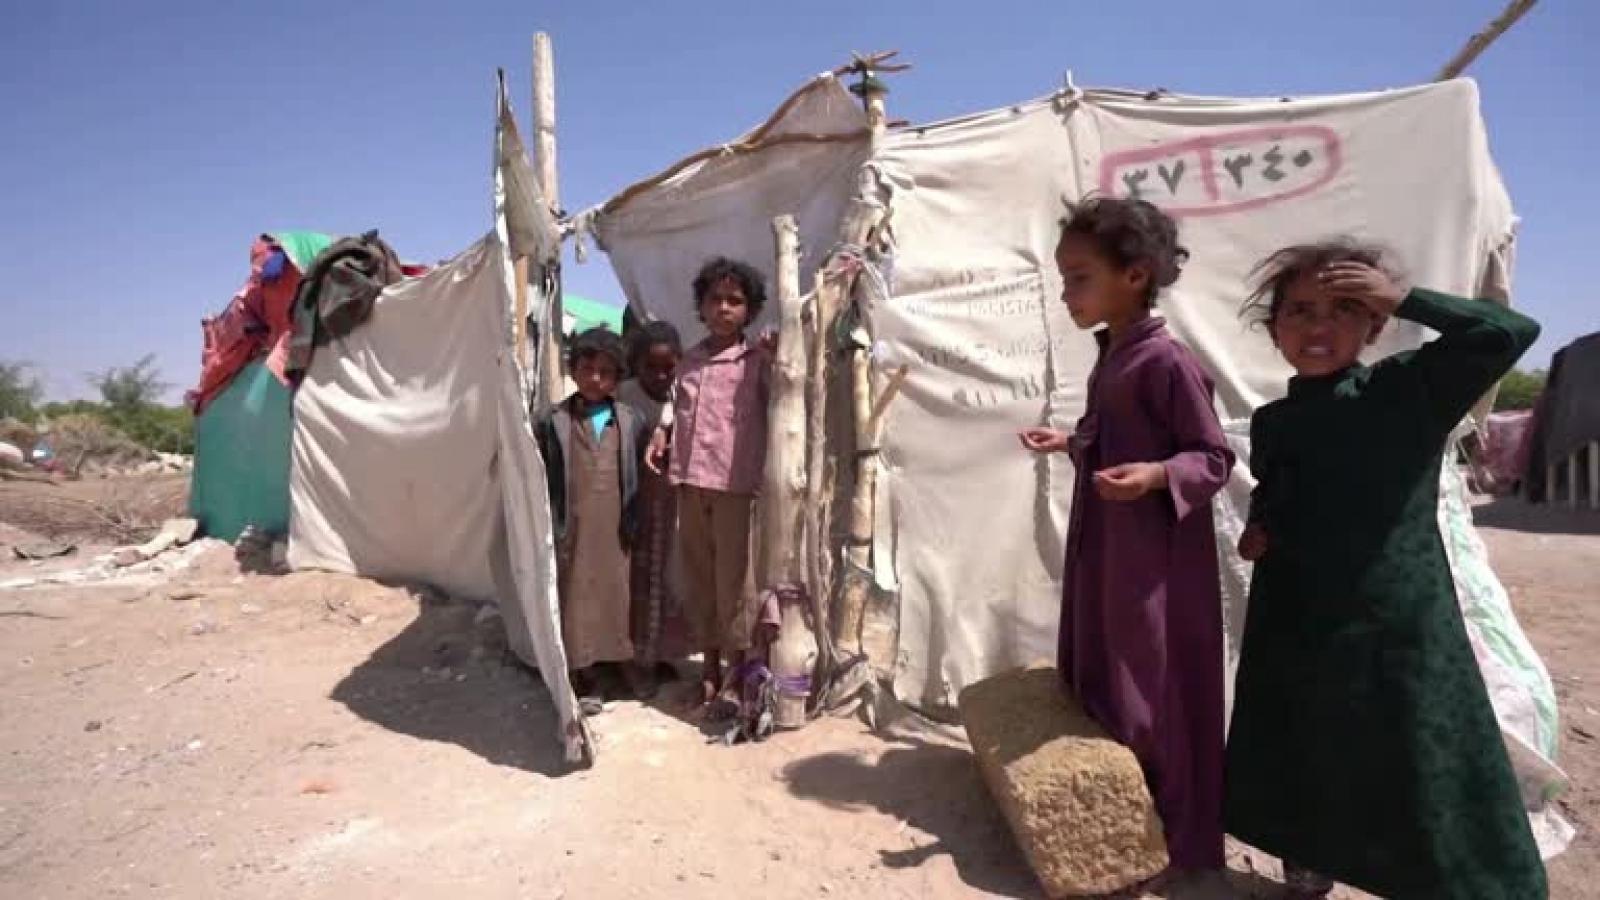 Các nước HĐBA quan ngại gia tăng giao tranh quân sự đe doạ tiến trình chính trị tại Yemen